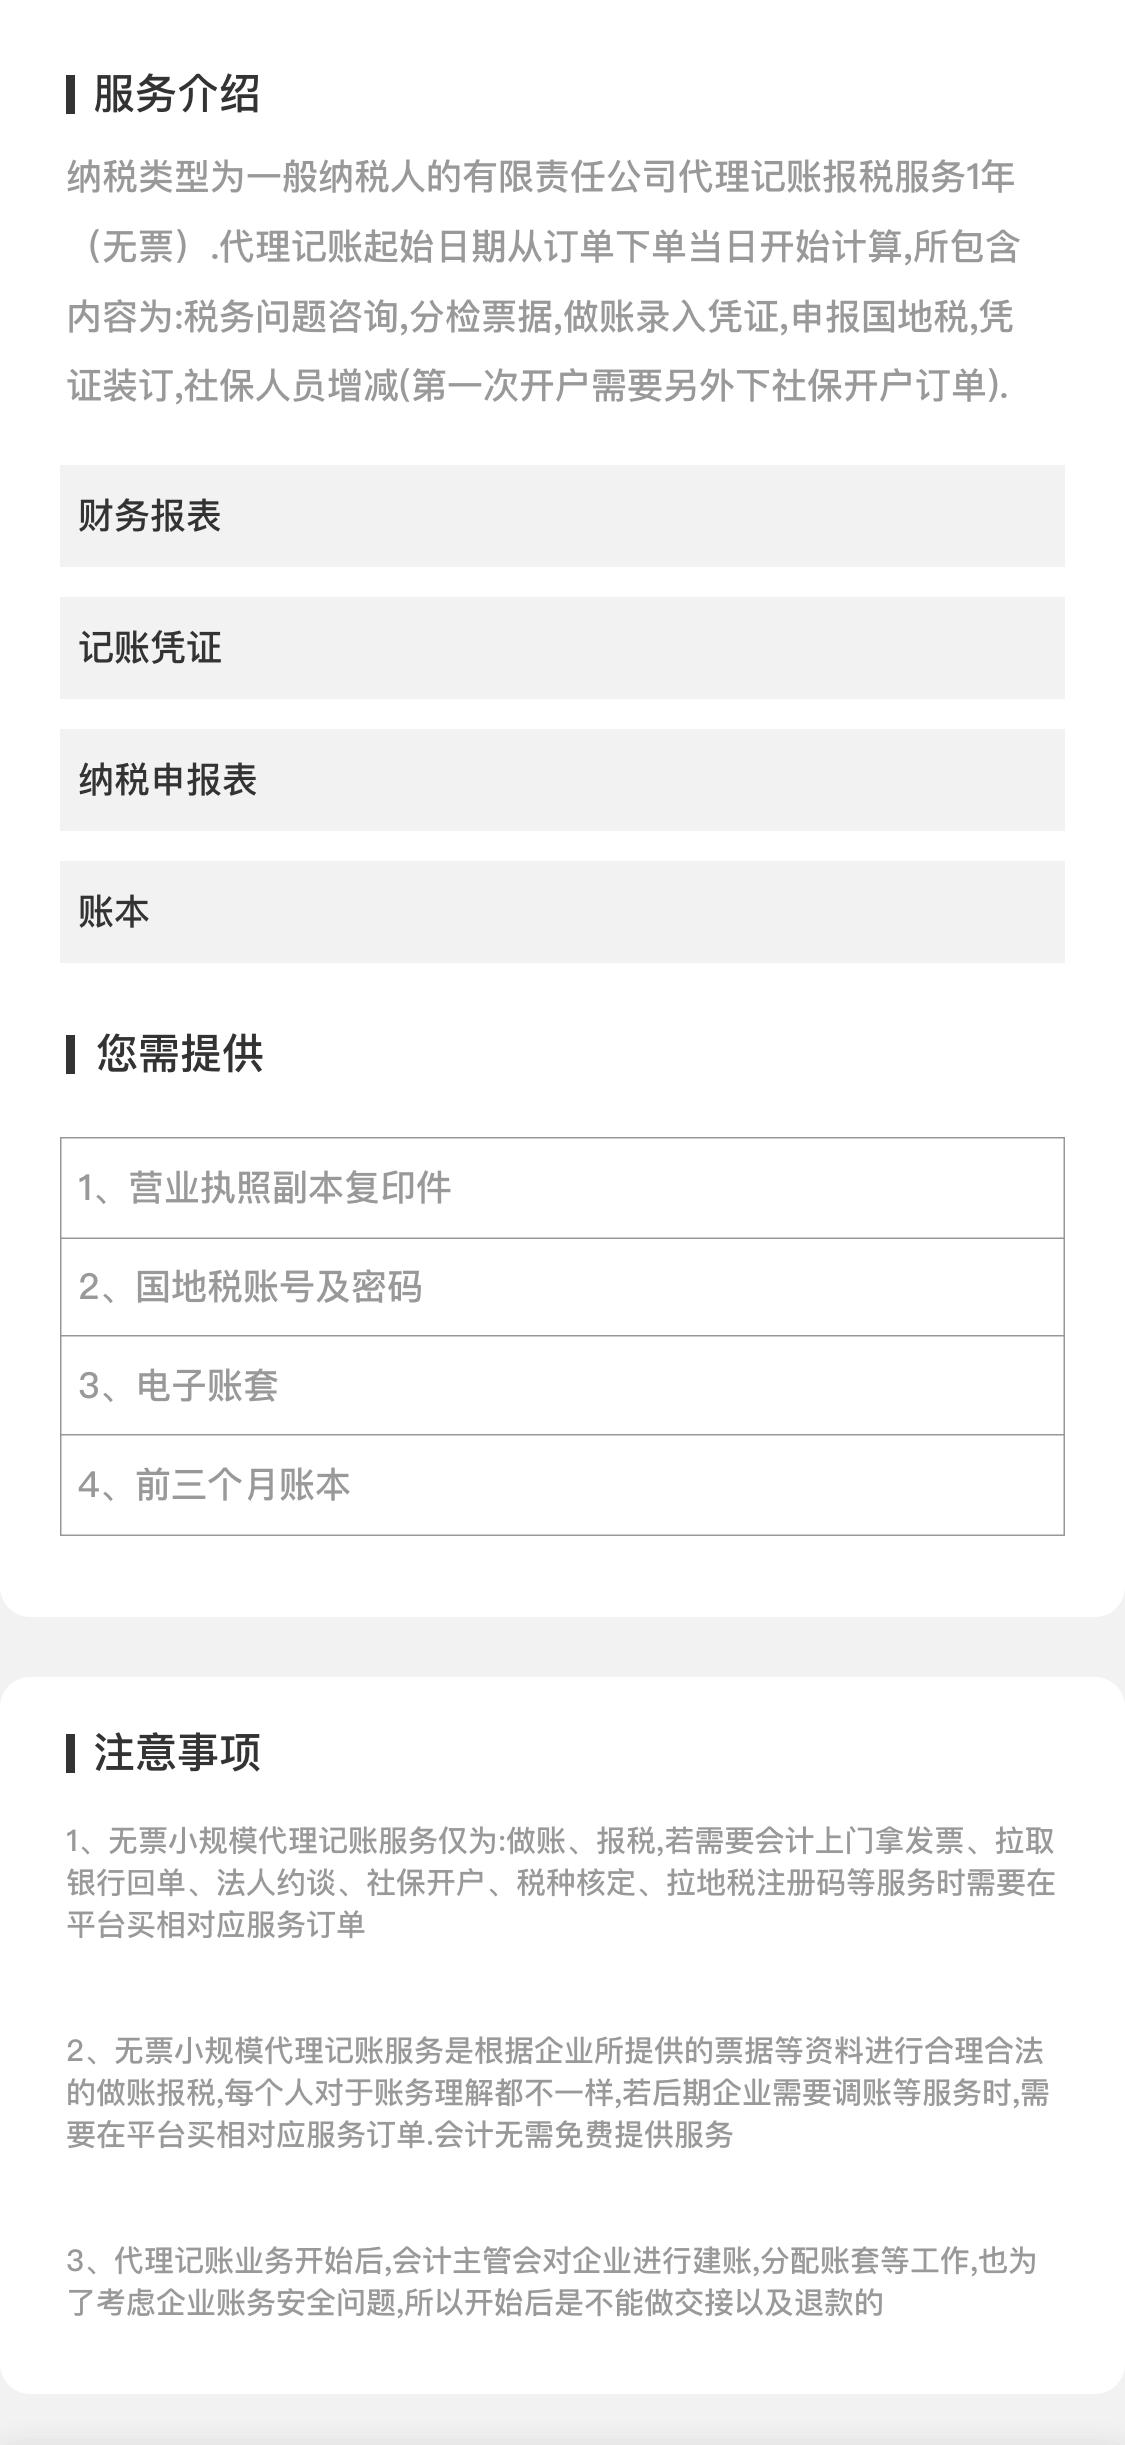 無票一般納稅人記賬(年) copy 2.png